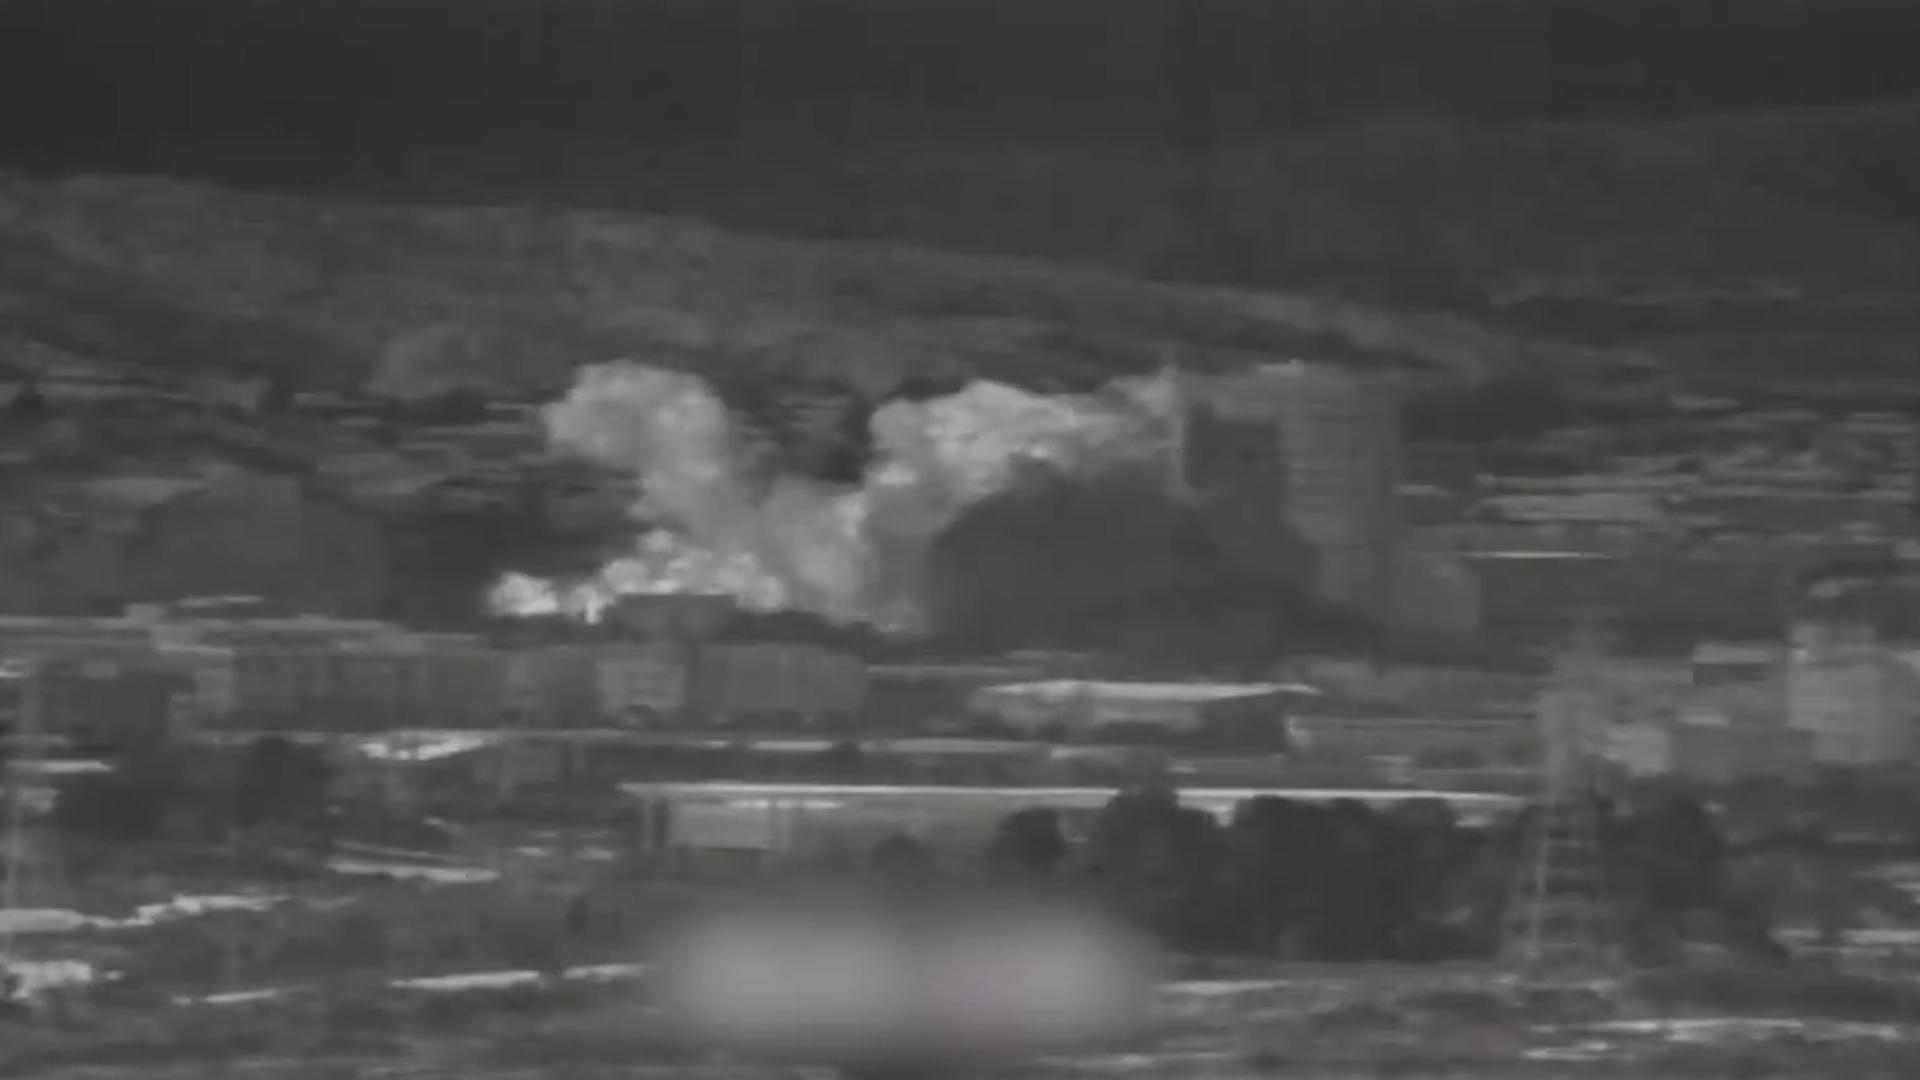 Corea del Norte explotó la oficina de relaciones que tenía con Corea del Sur